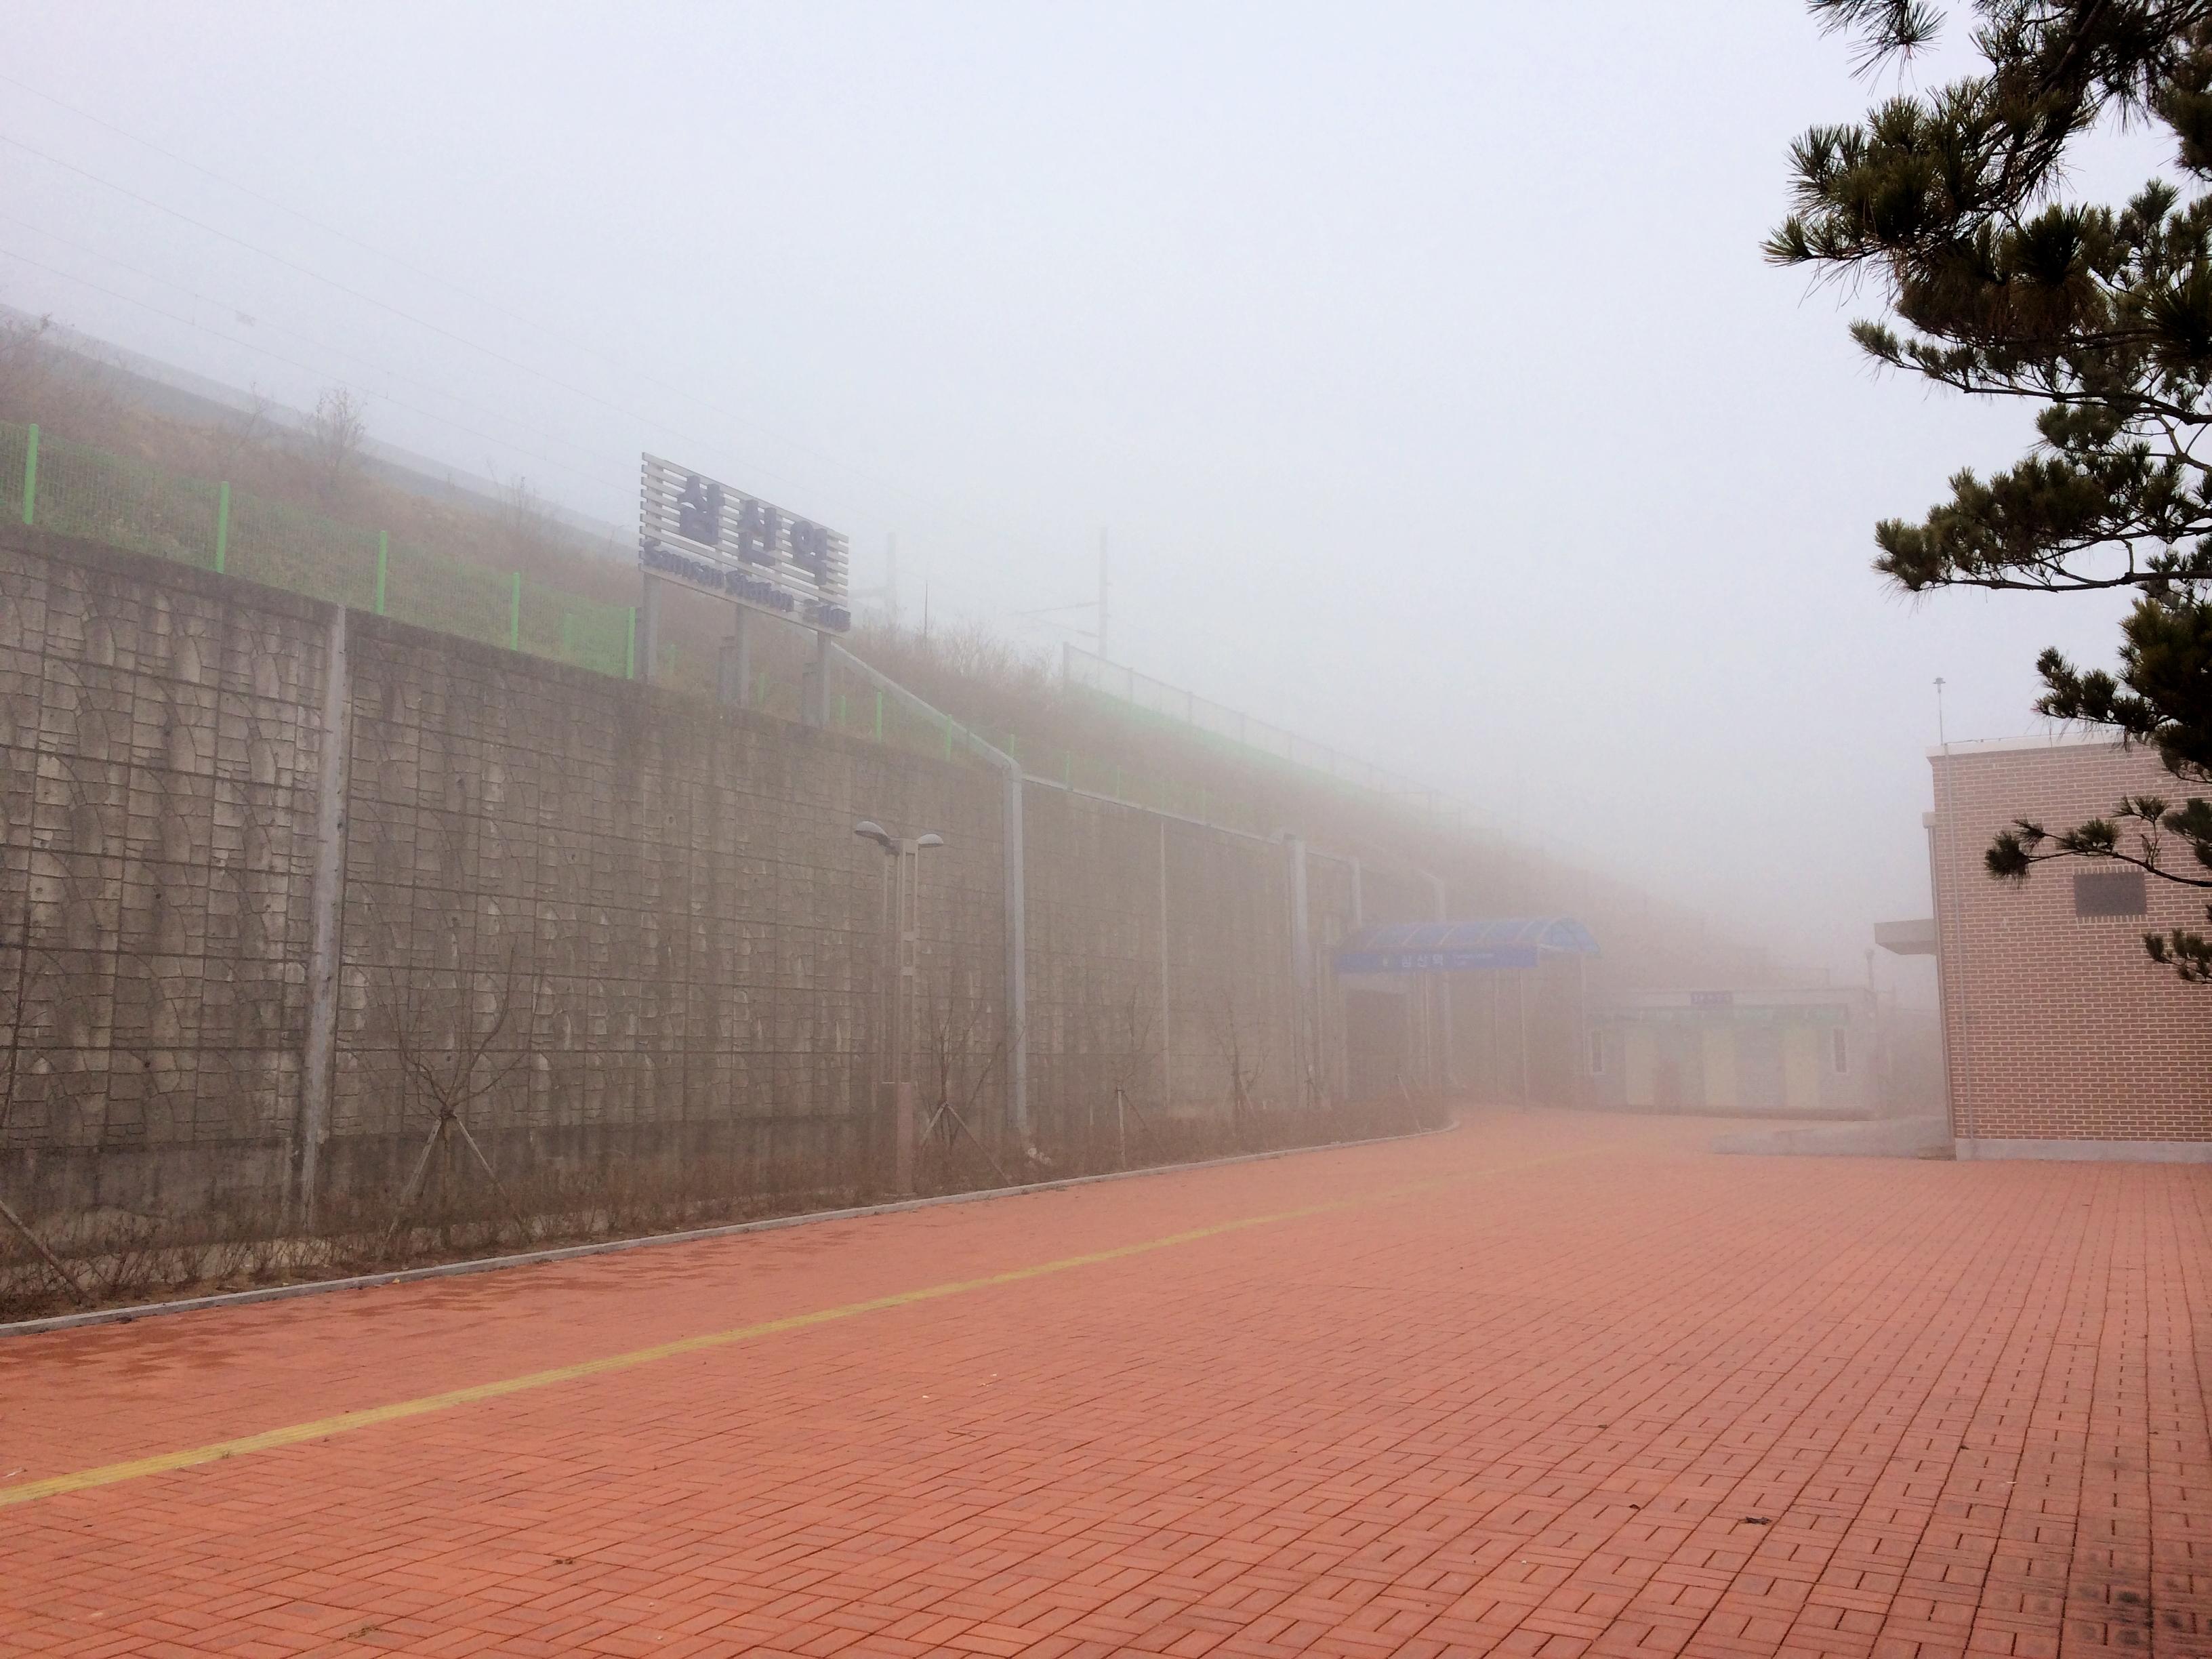 Samsan station 20131124 091913.JPG